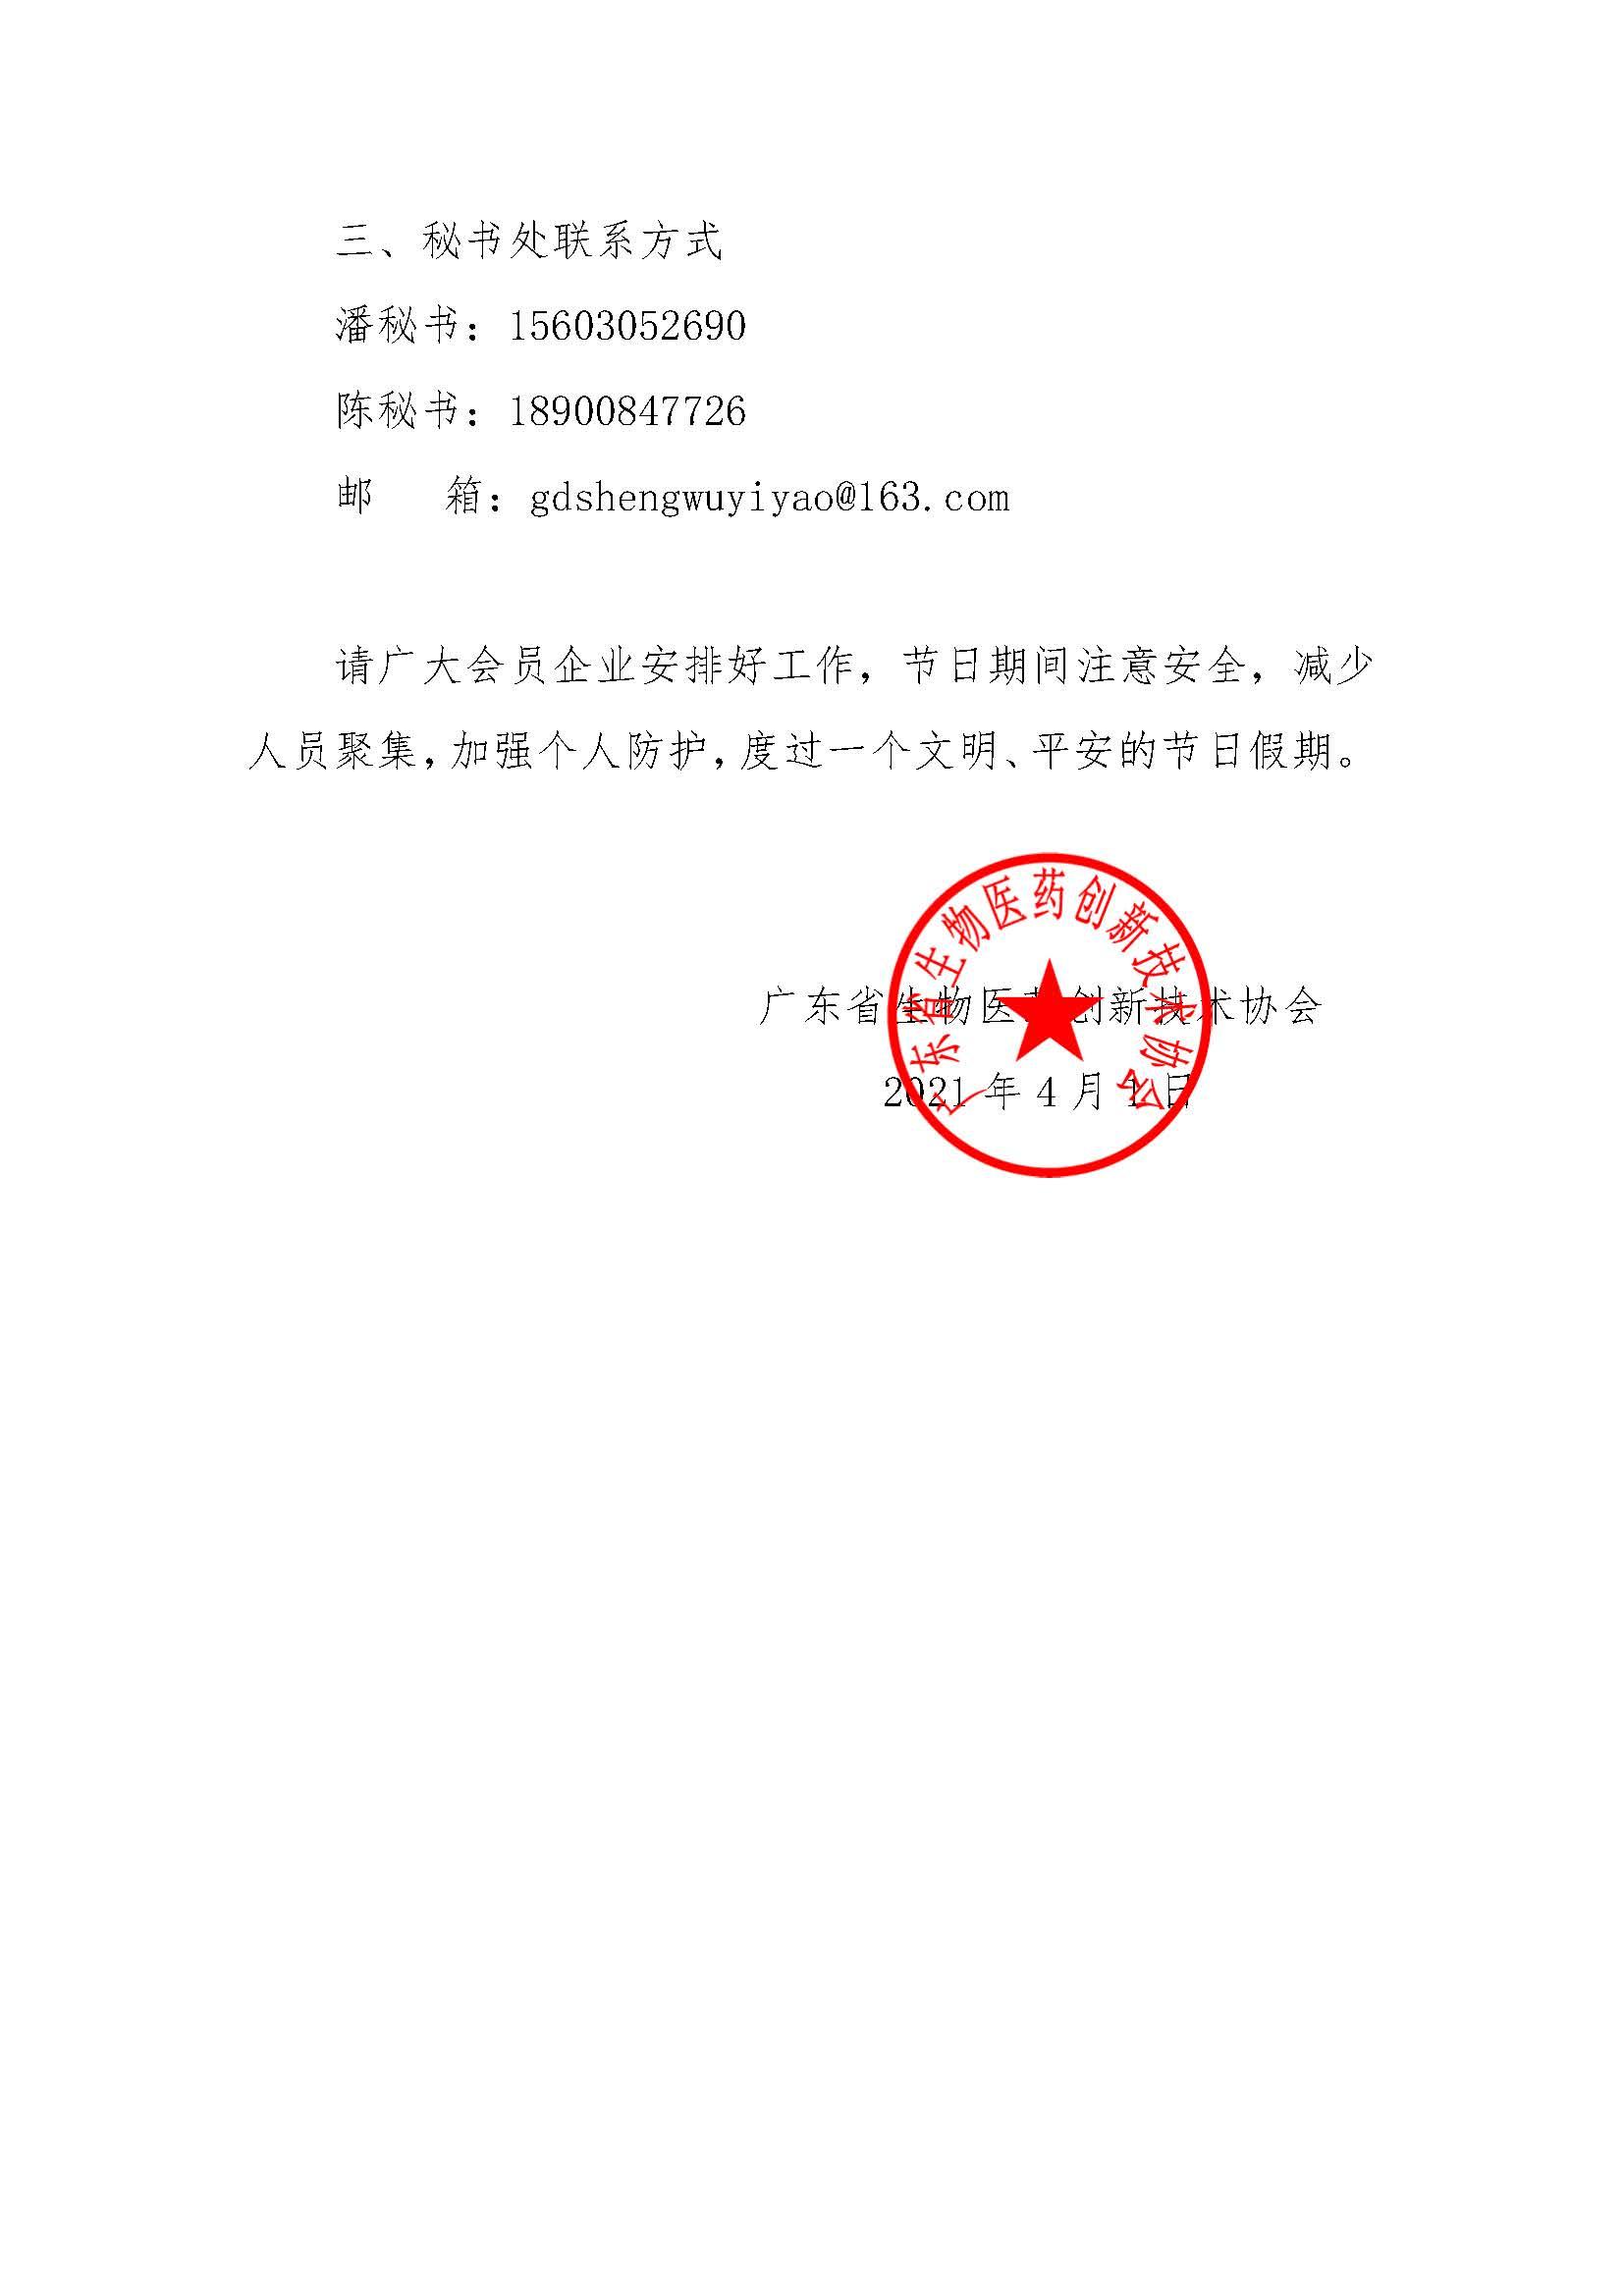 清明节放假通知_页面_2